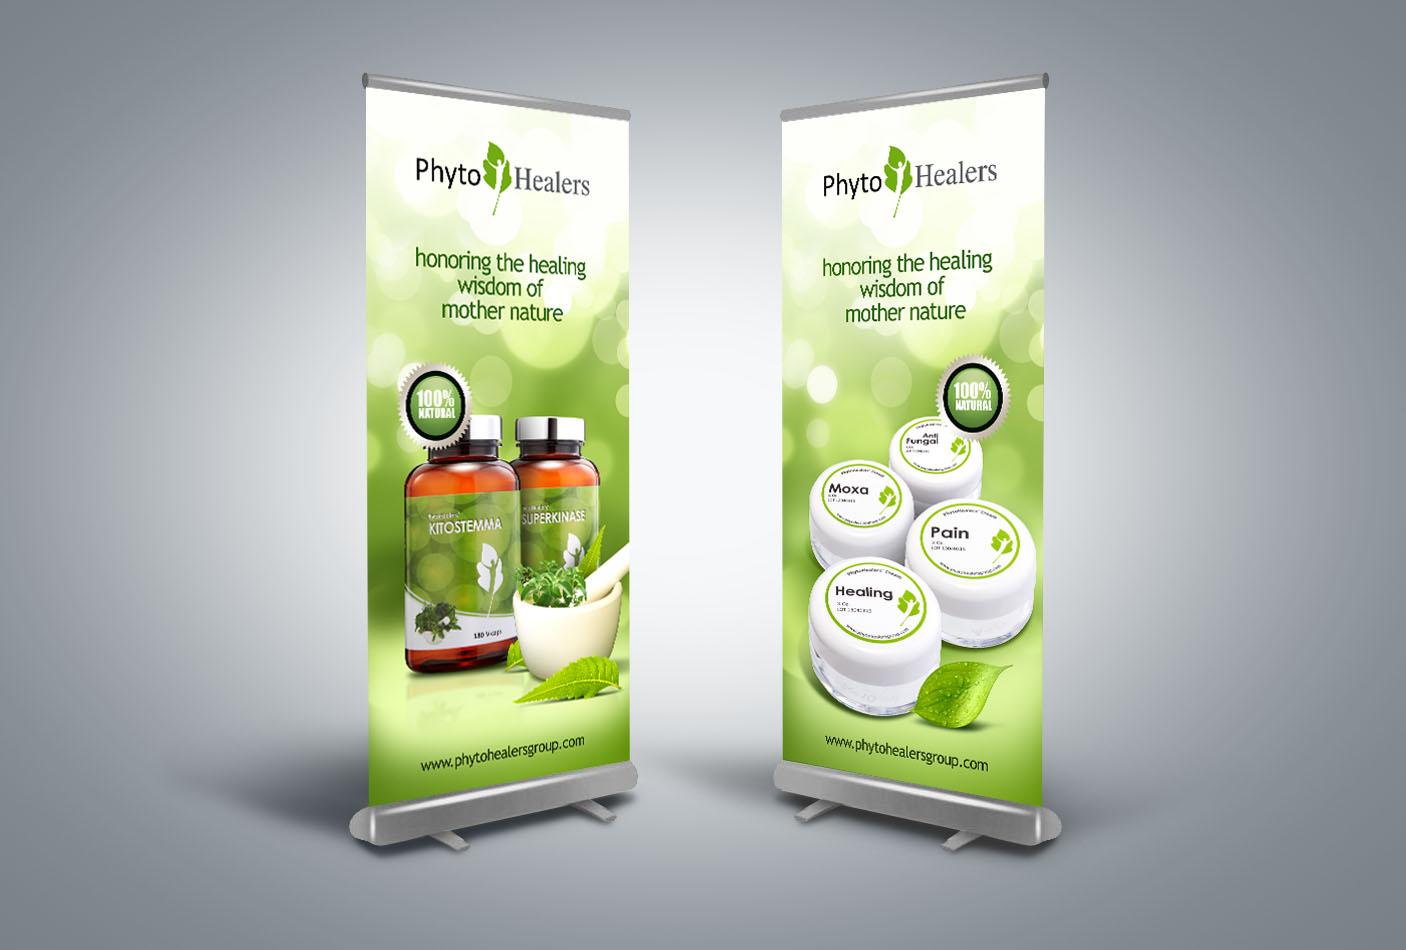 phytohealers_20140422120735